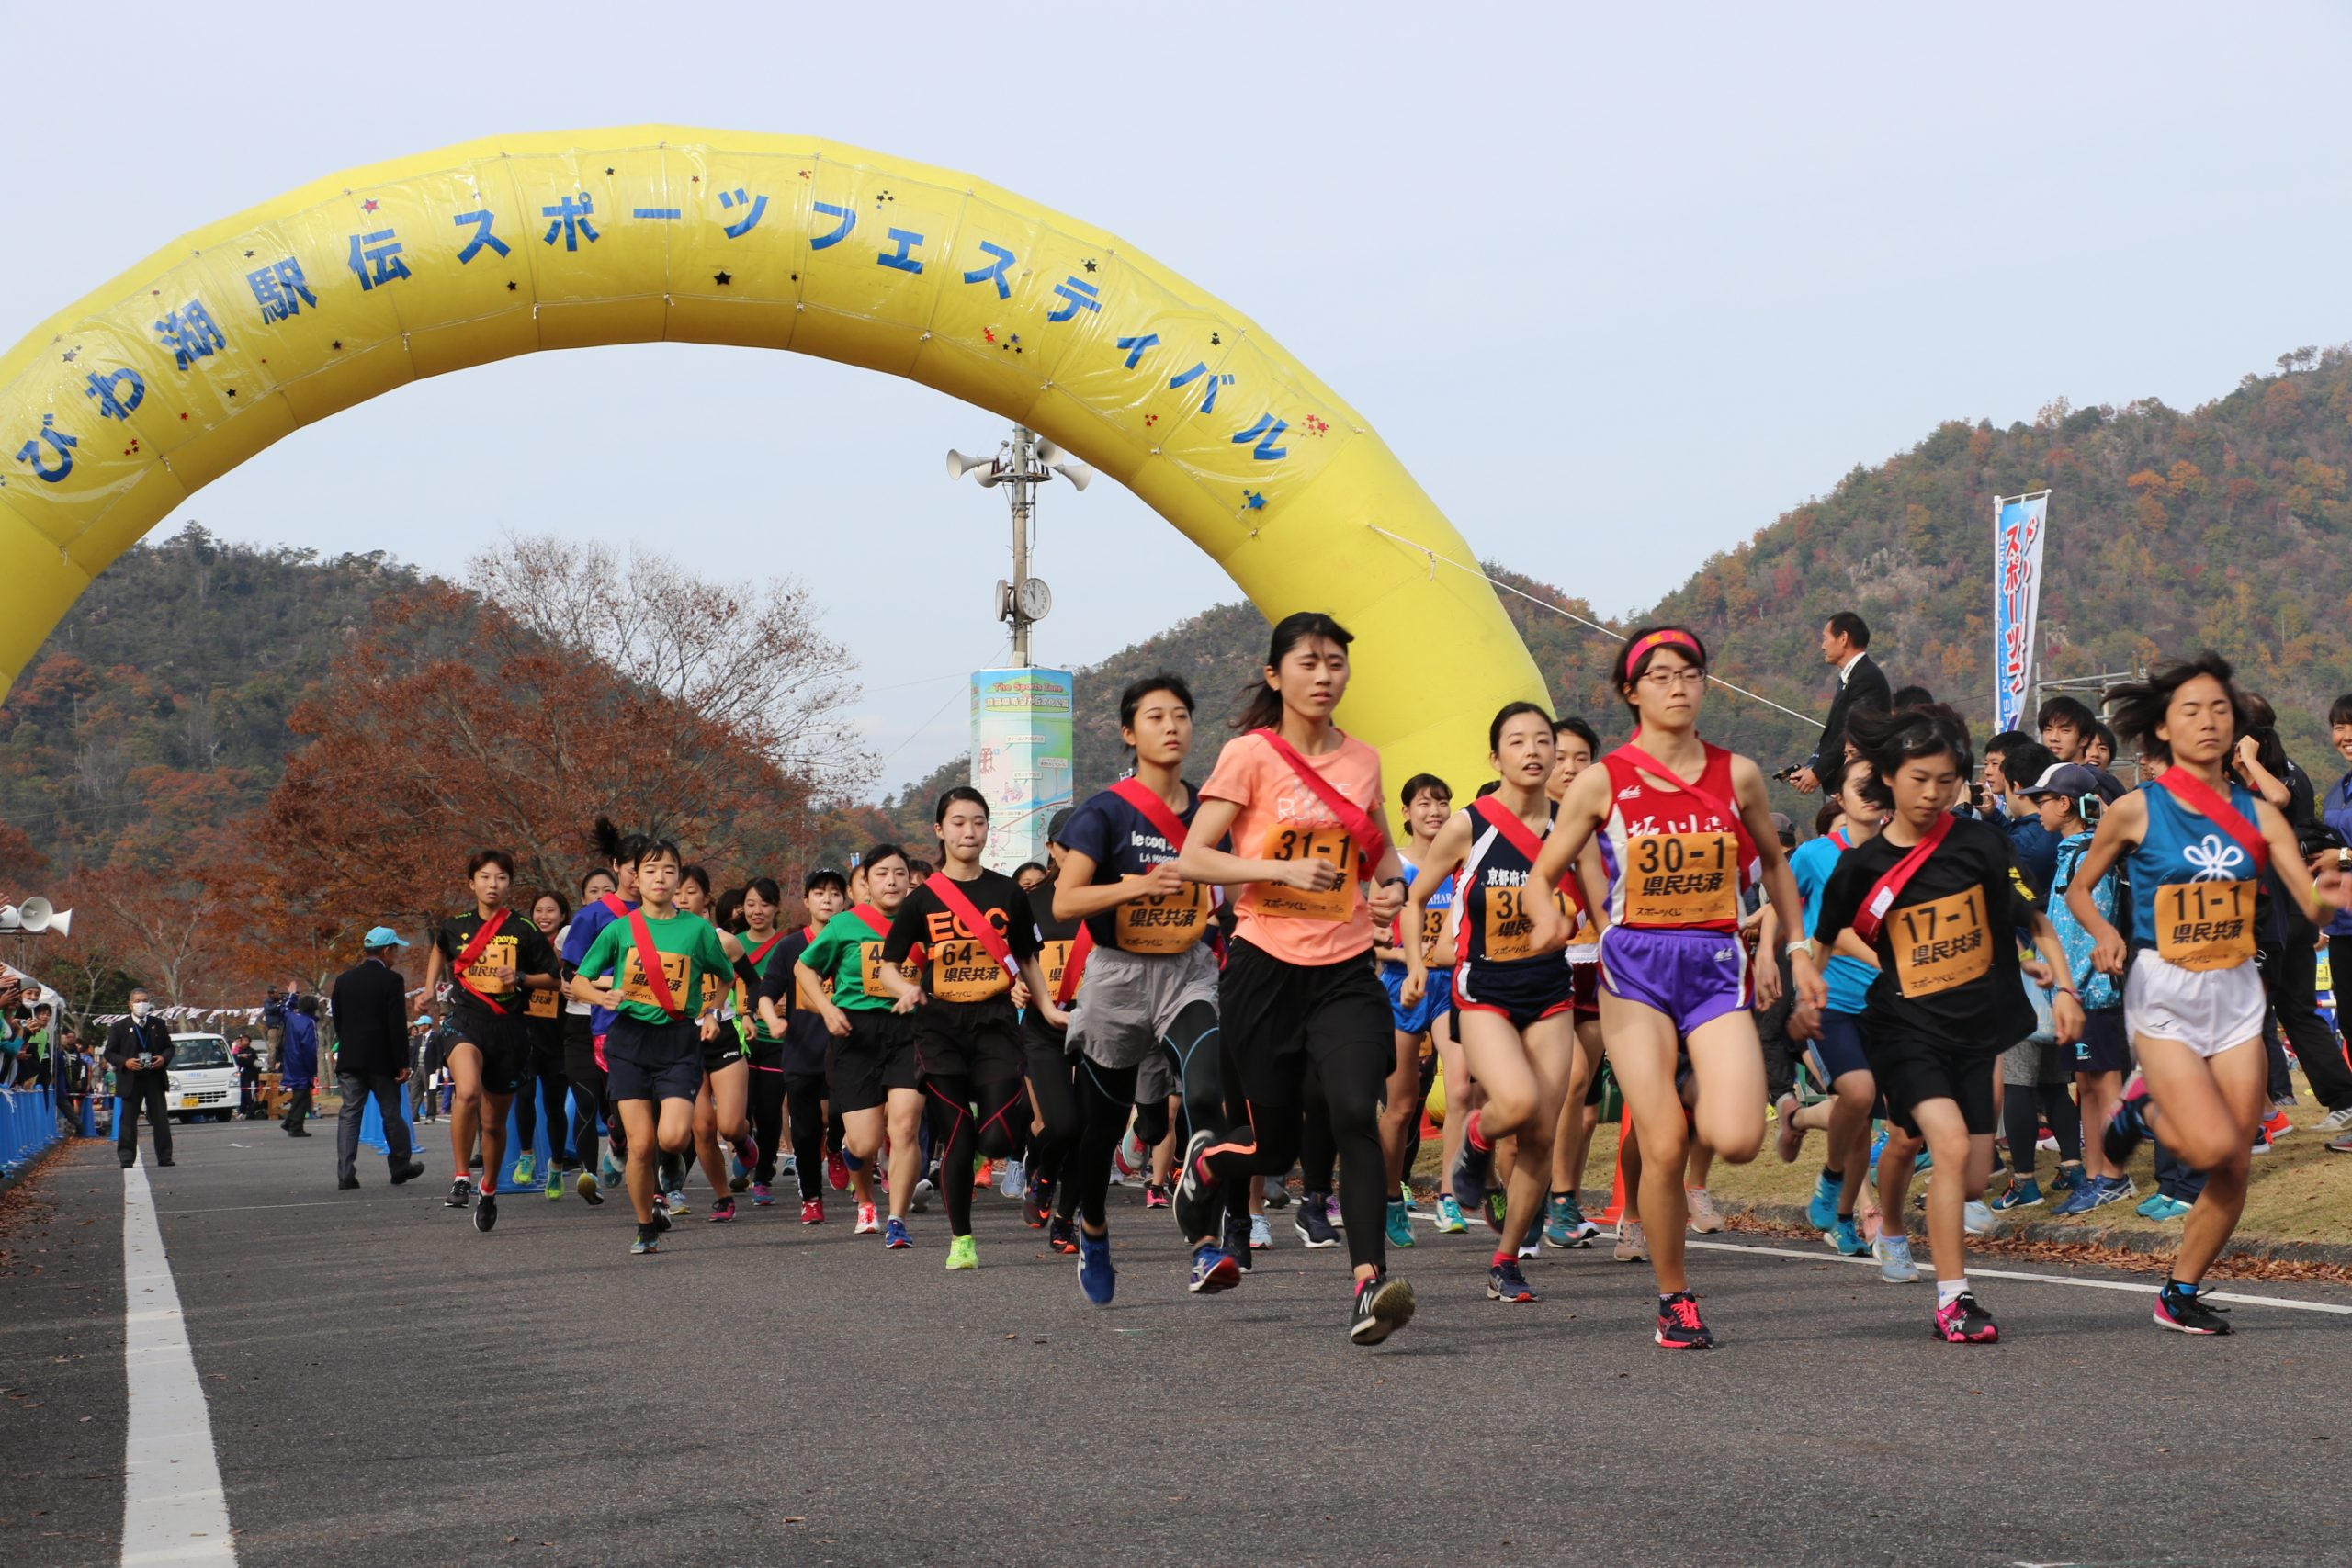 「びわ湖駅伝スポーツフェスティバル2020」参加申込のお知らせ